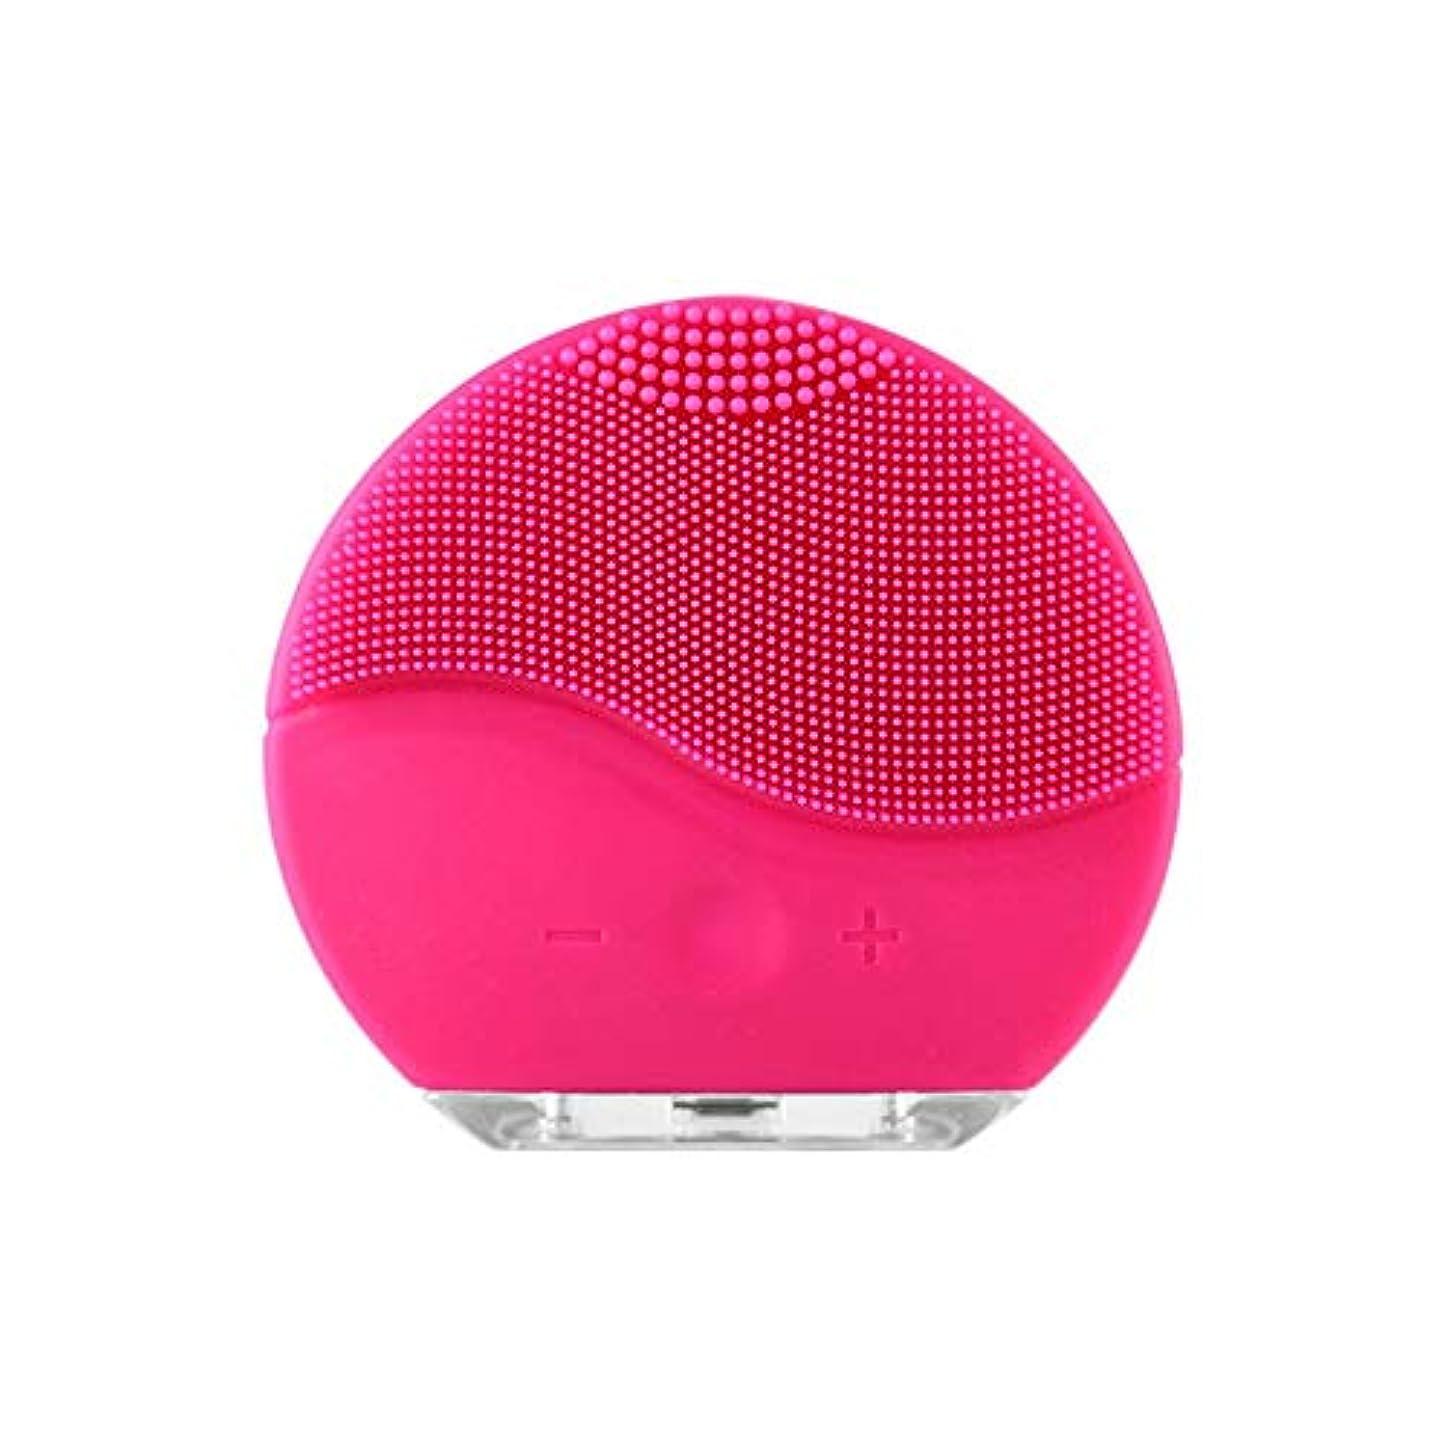 解明する粘土行ZXF 新しい家庭用電化製品洗浄器具USB充電シリコーン電気美容器具洗浄ブラシピンク赤 滑らかである (色 : Red)